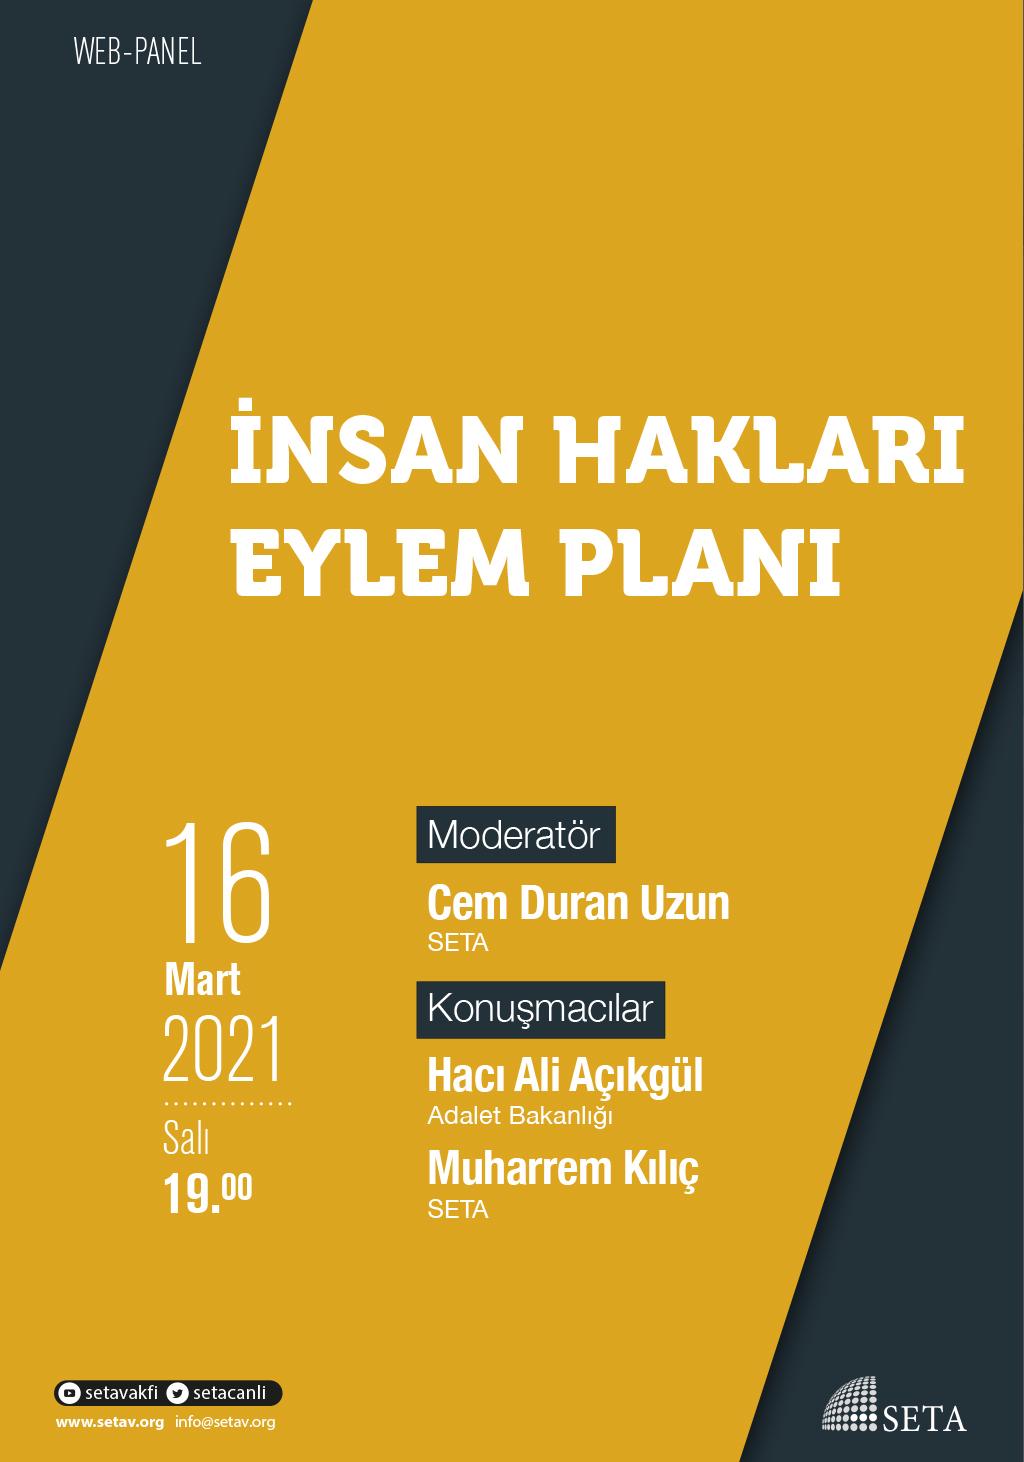 Web Panel: İnsan Hakları Eylem Planı